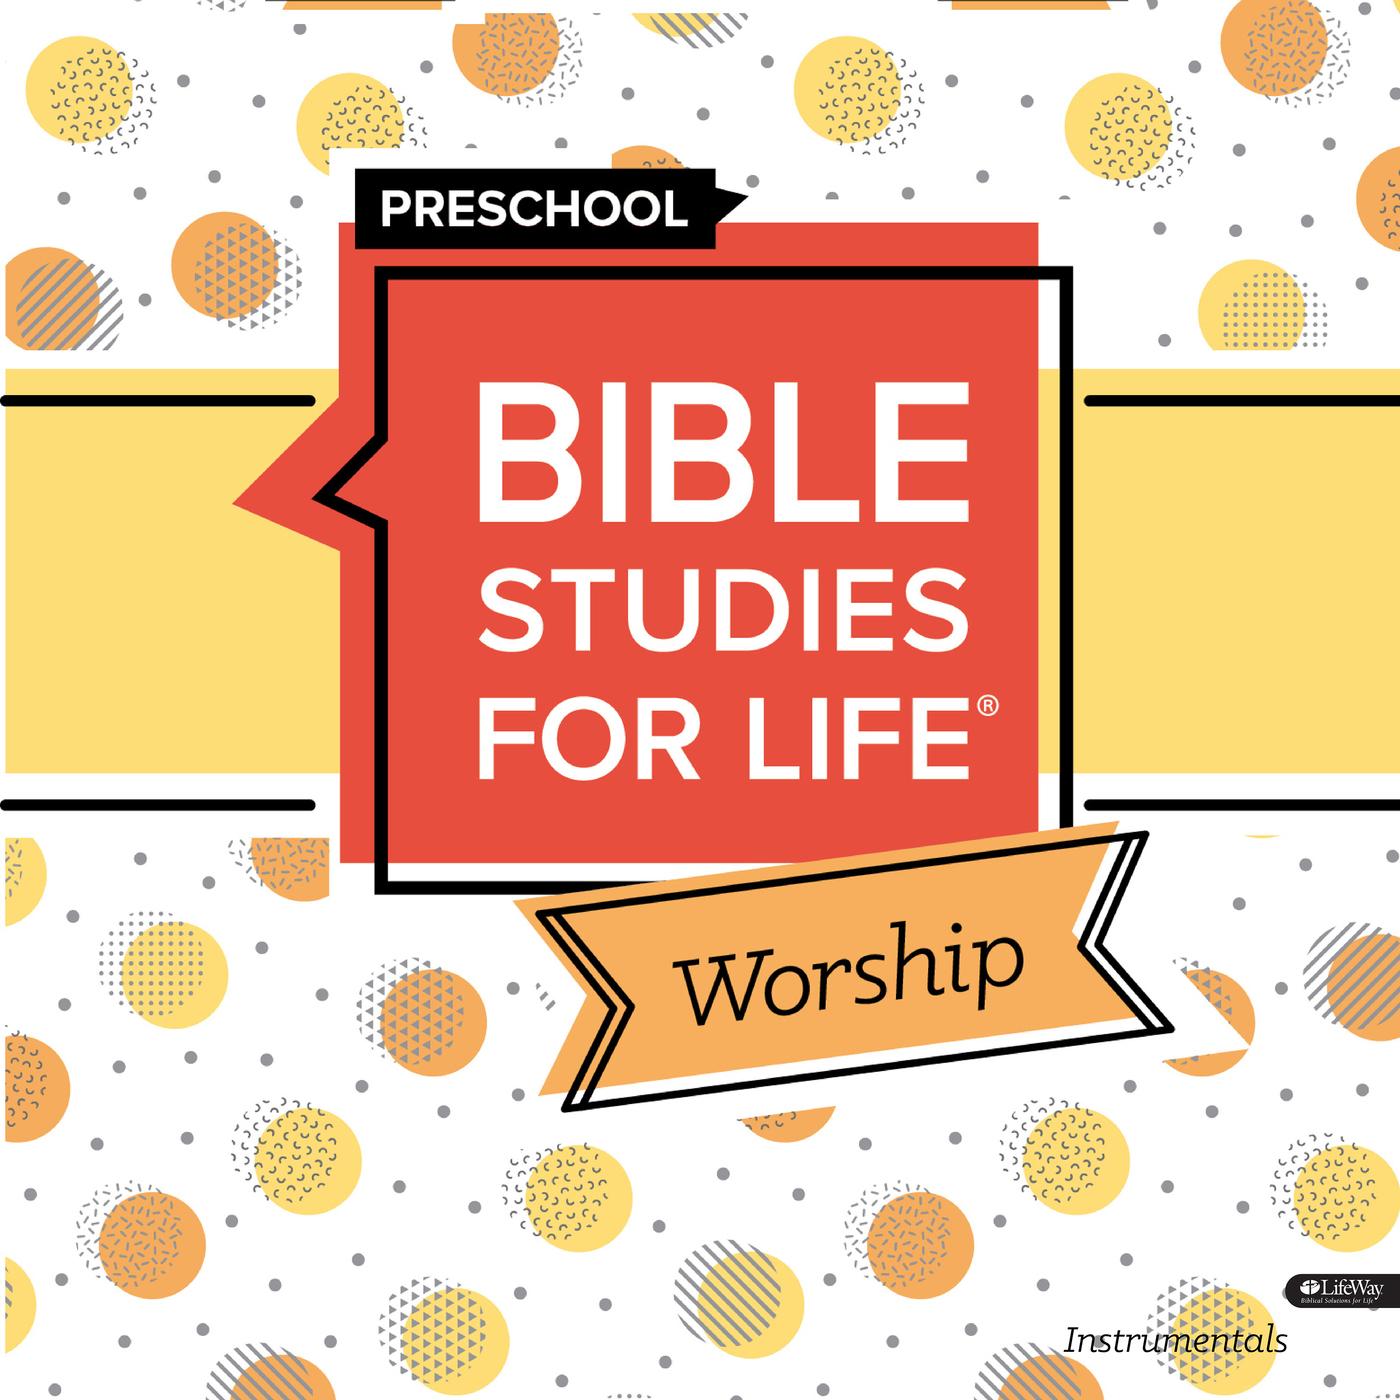 Bible Studies for Life Preschool Worship Instrumentals Winter 2020 - Lifeway Kids